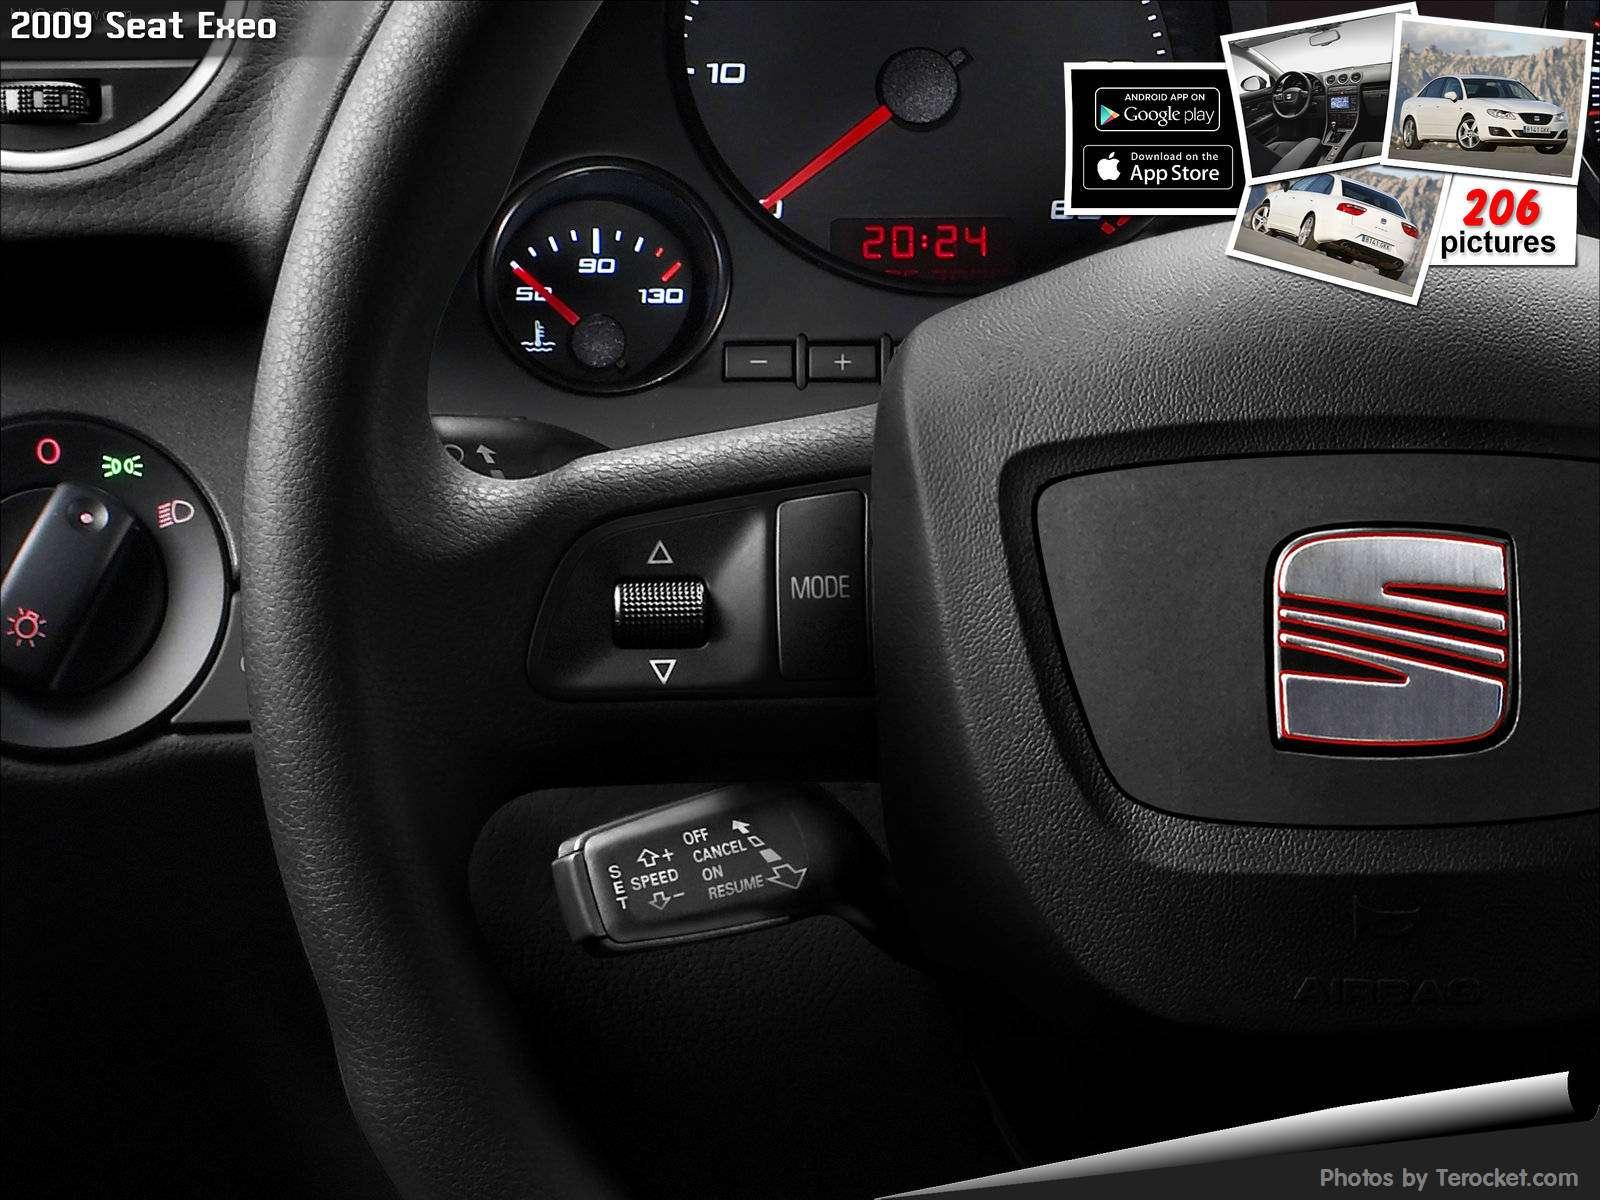 Hình ảnh xe ô tô Seat Exeo 2009 & nội ngoại thất